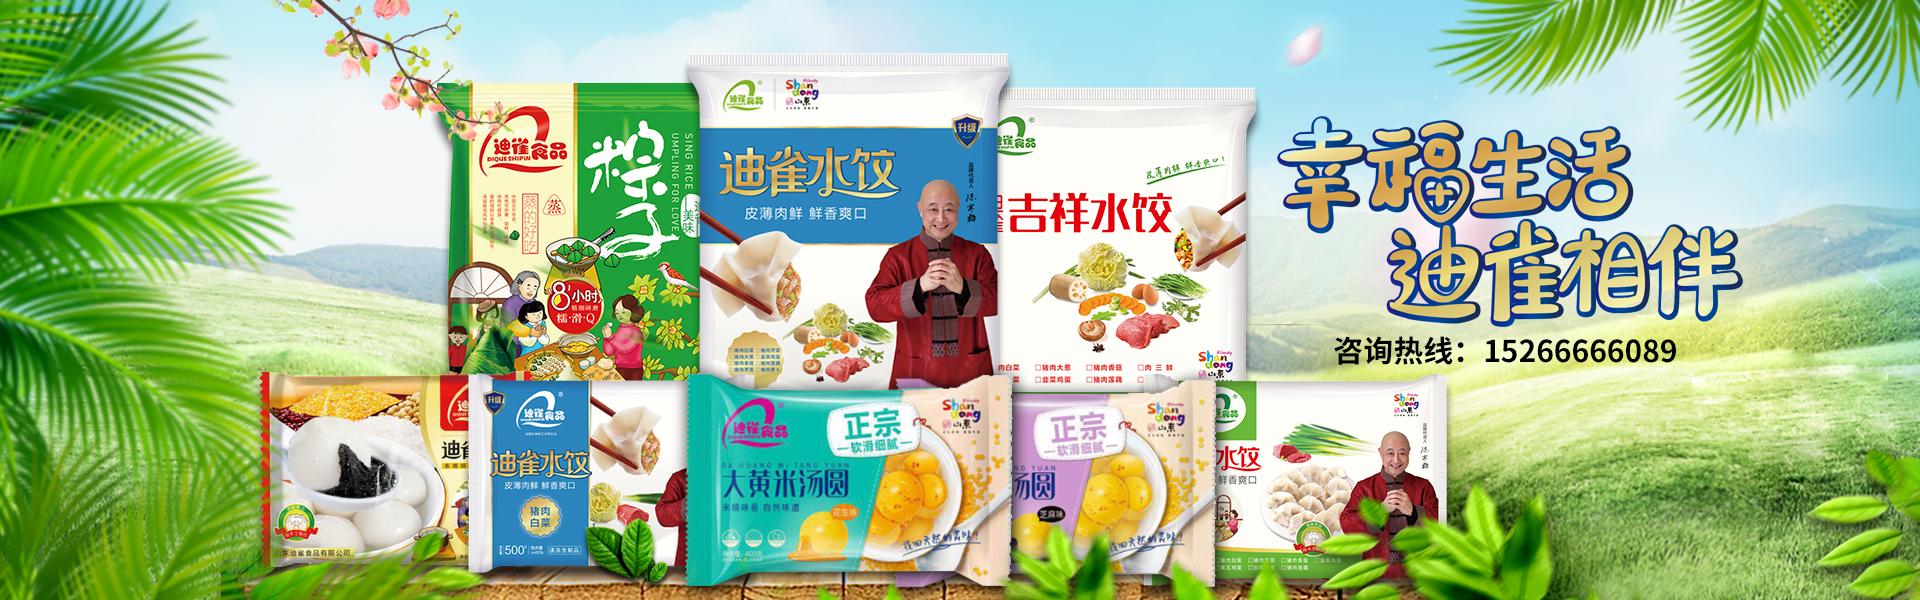 猫先生饺子厂家,猫先生馄饨批发,山东粽子生产厂家,猫先生手工馒头厂家